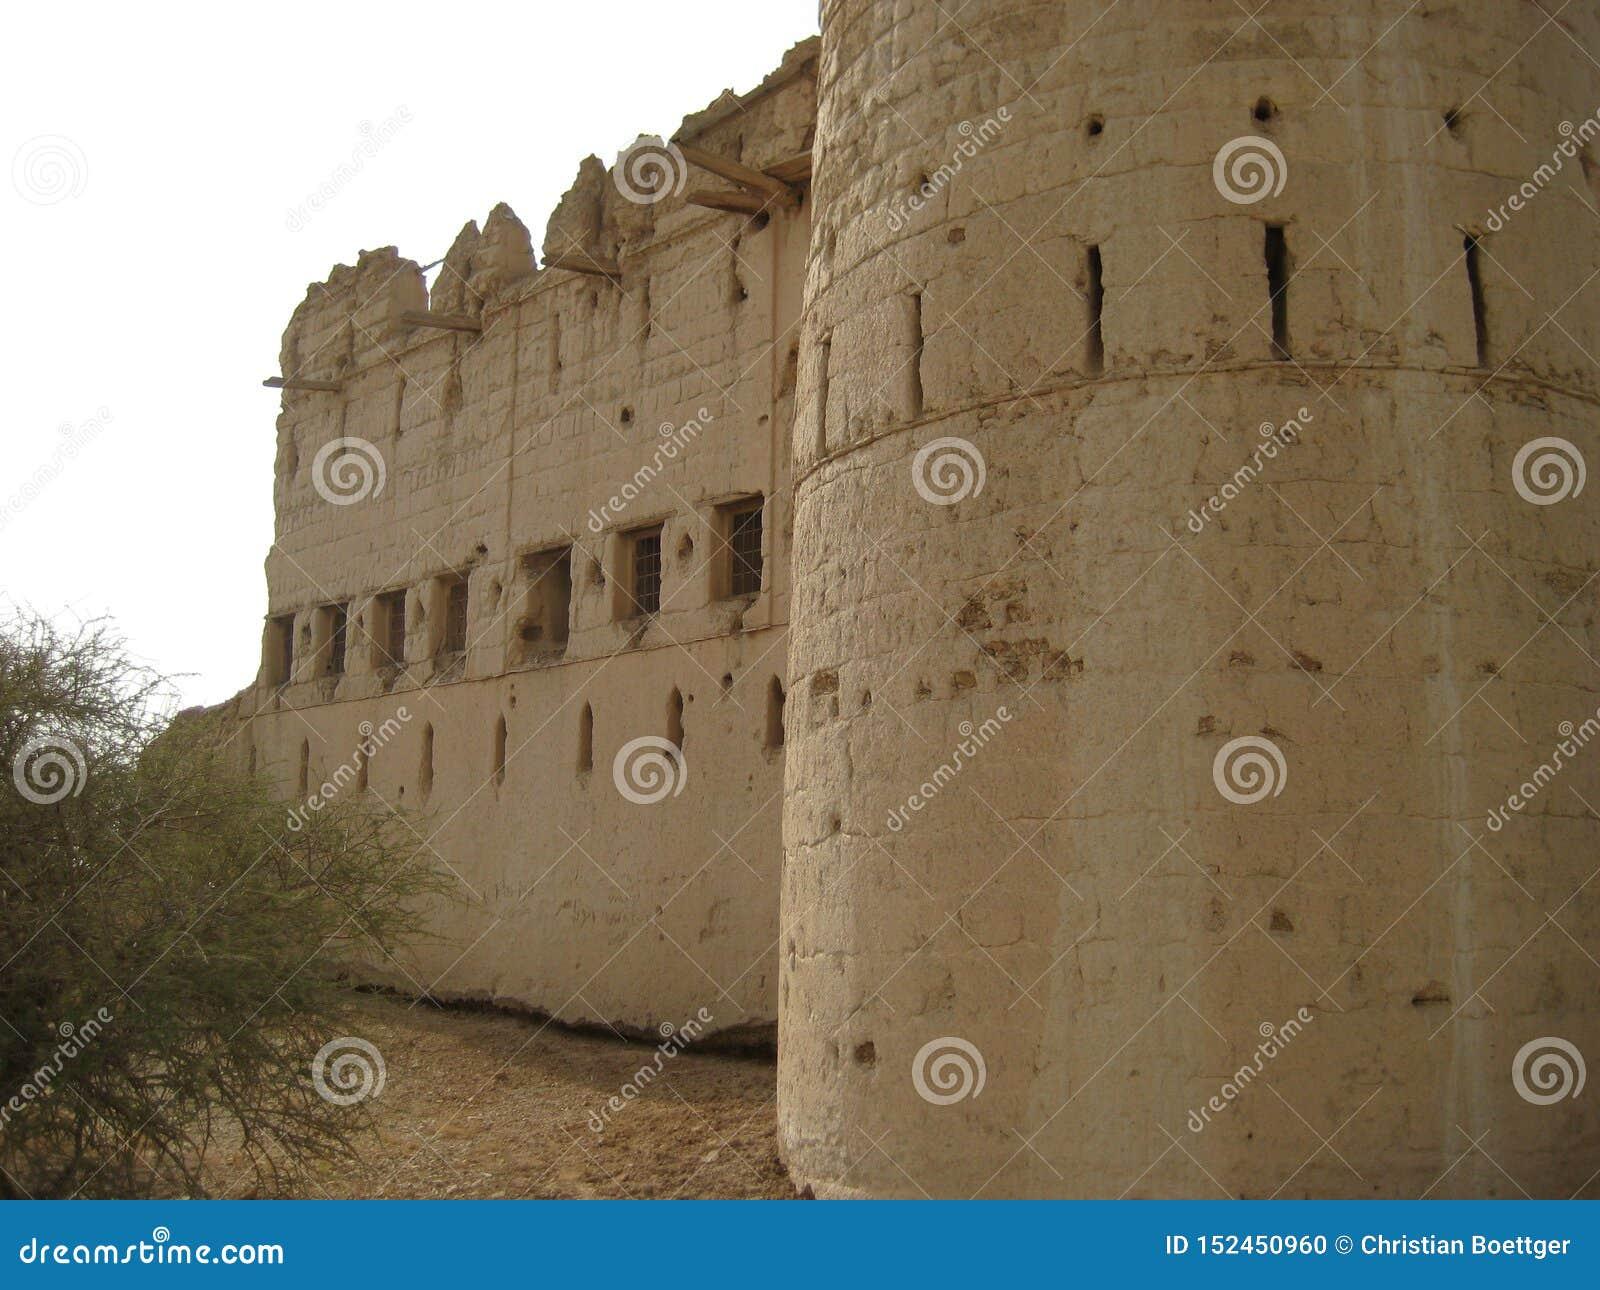 Castillo viejo en el sultanato de Omán